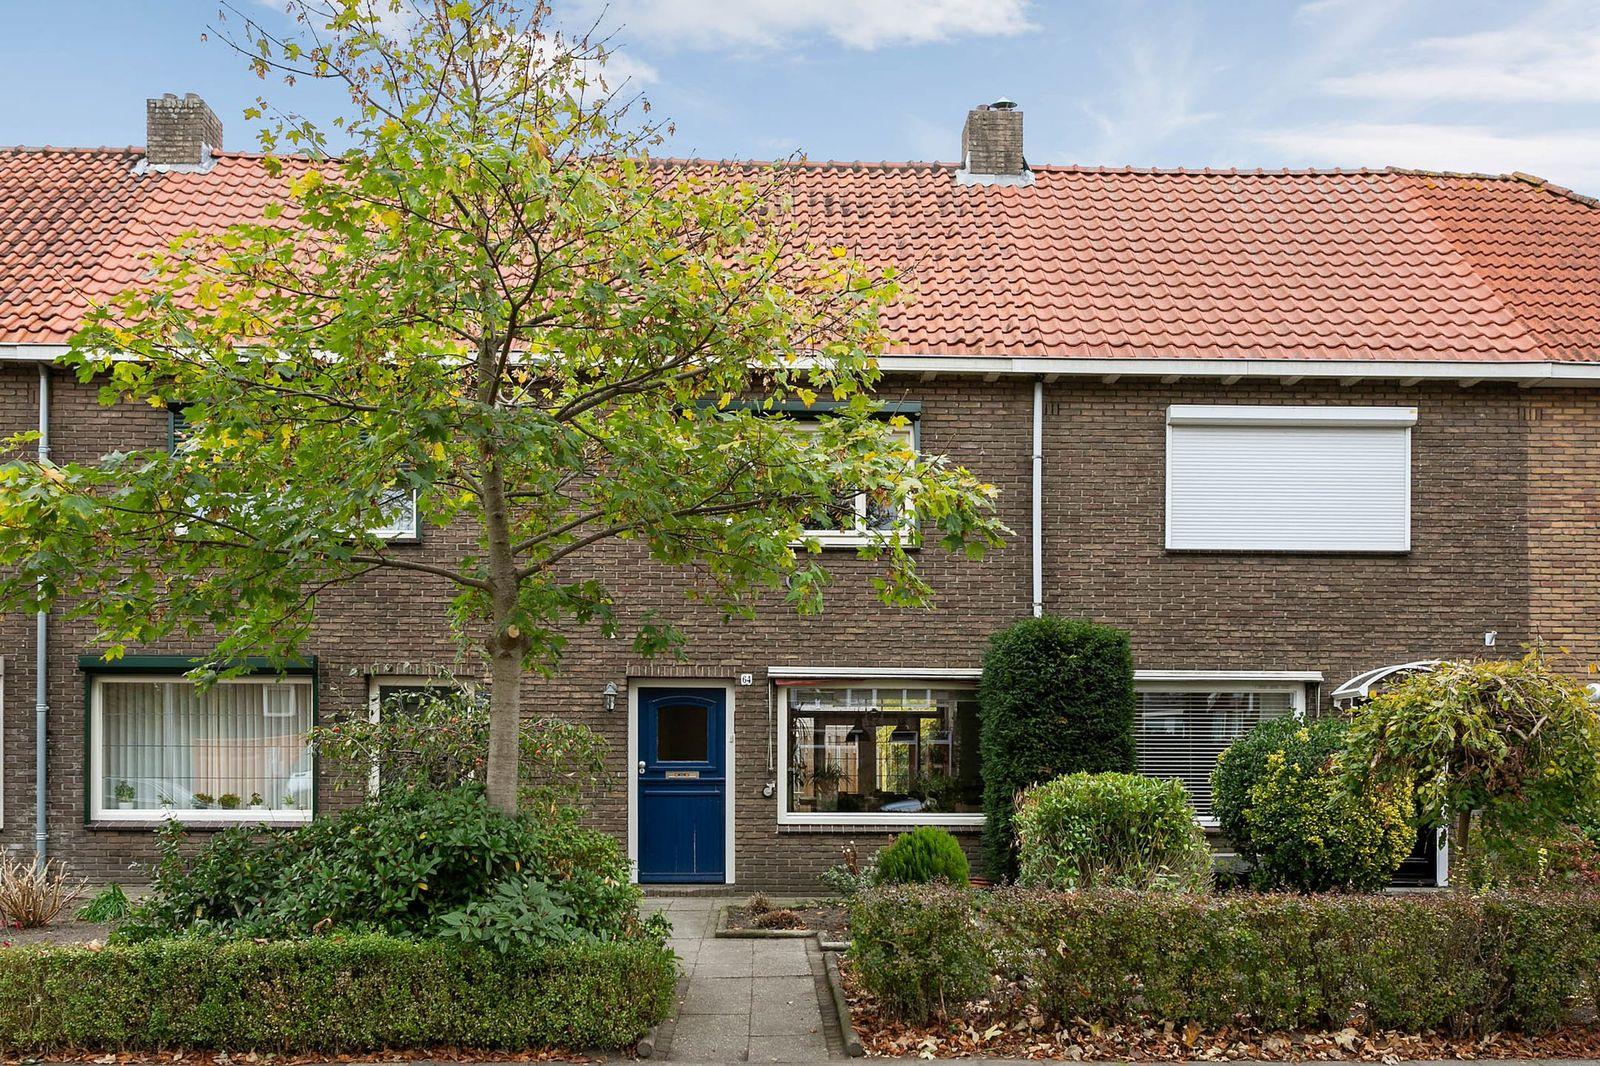 Burgemeester van Houtlaan 64, Helmond